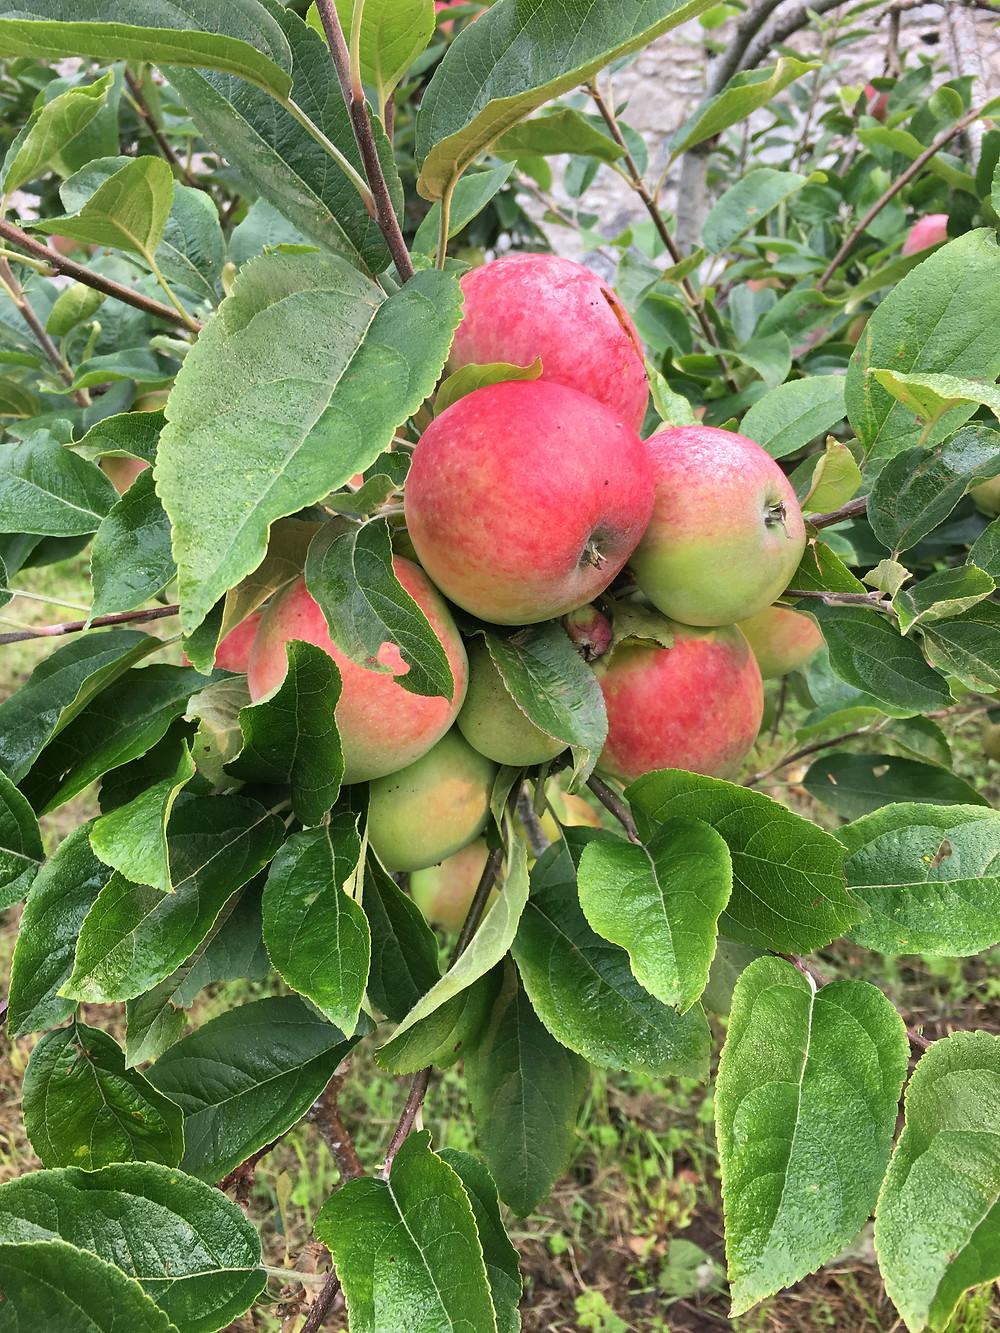 Aberdeenshire apples